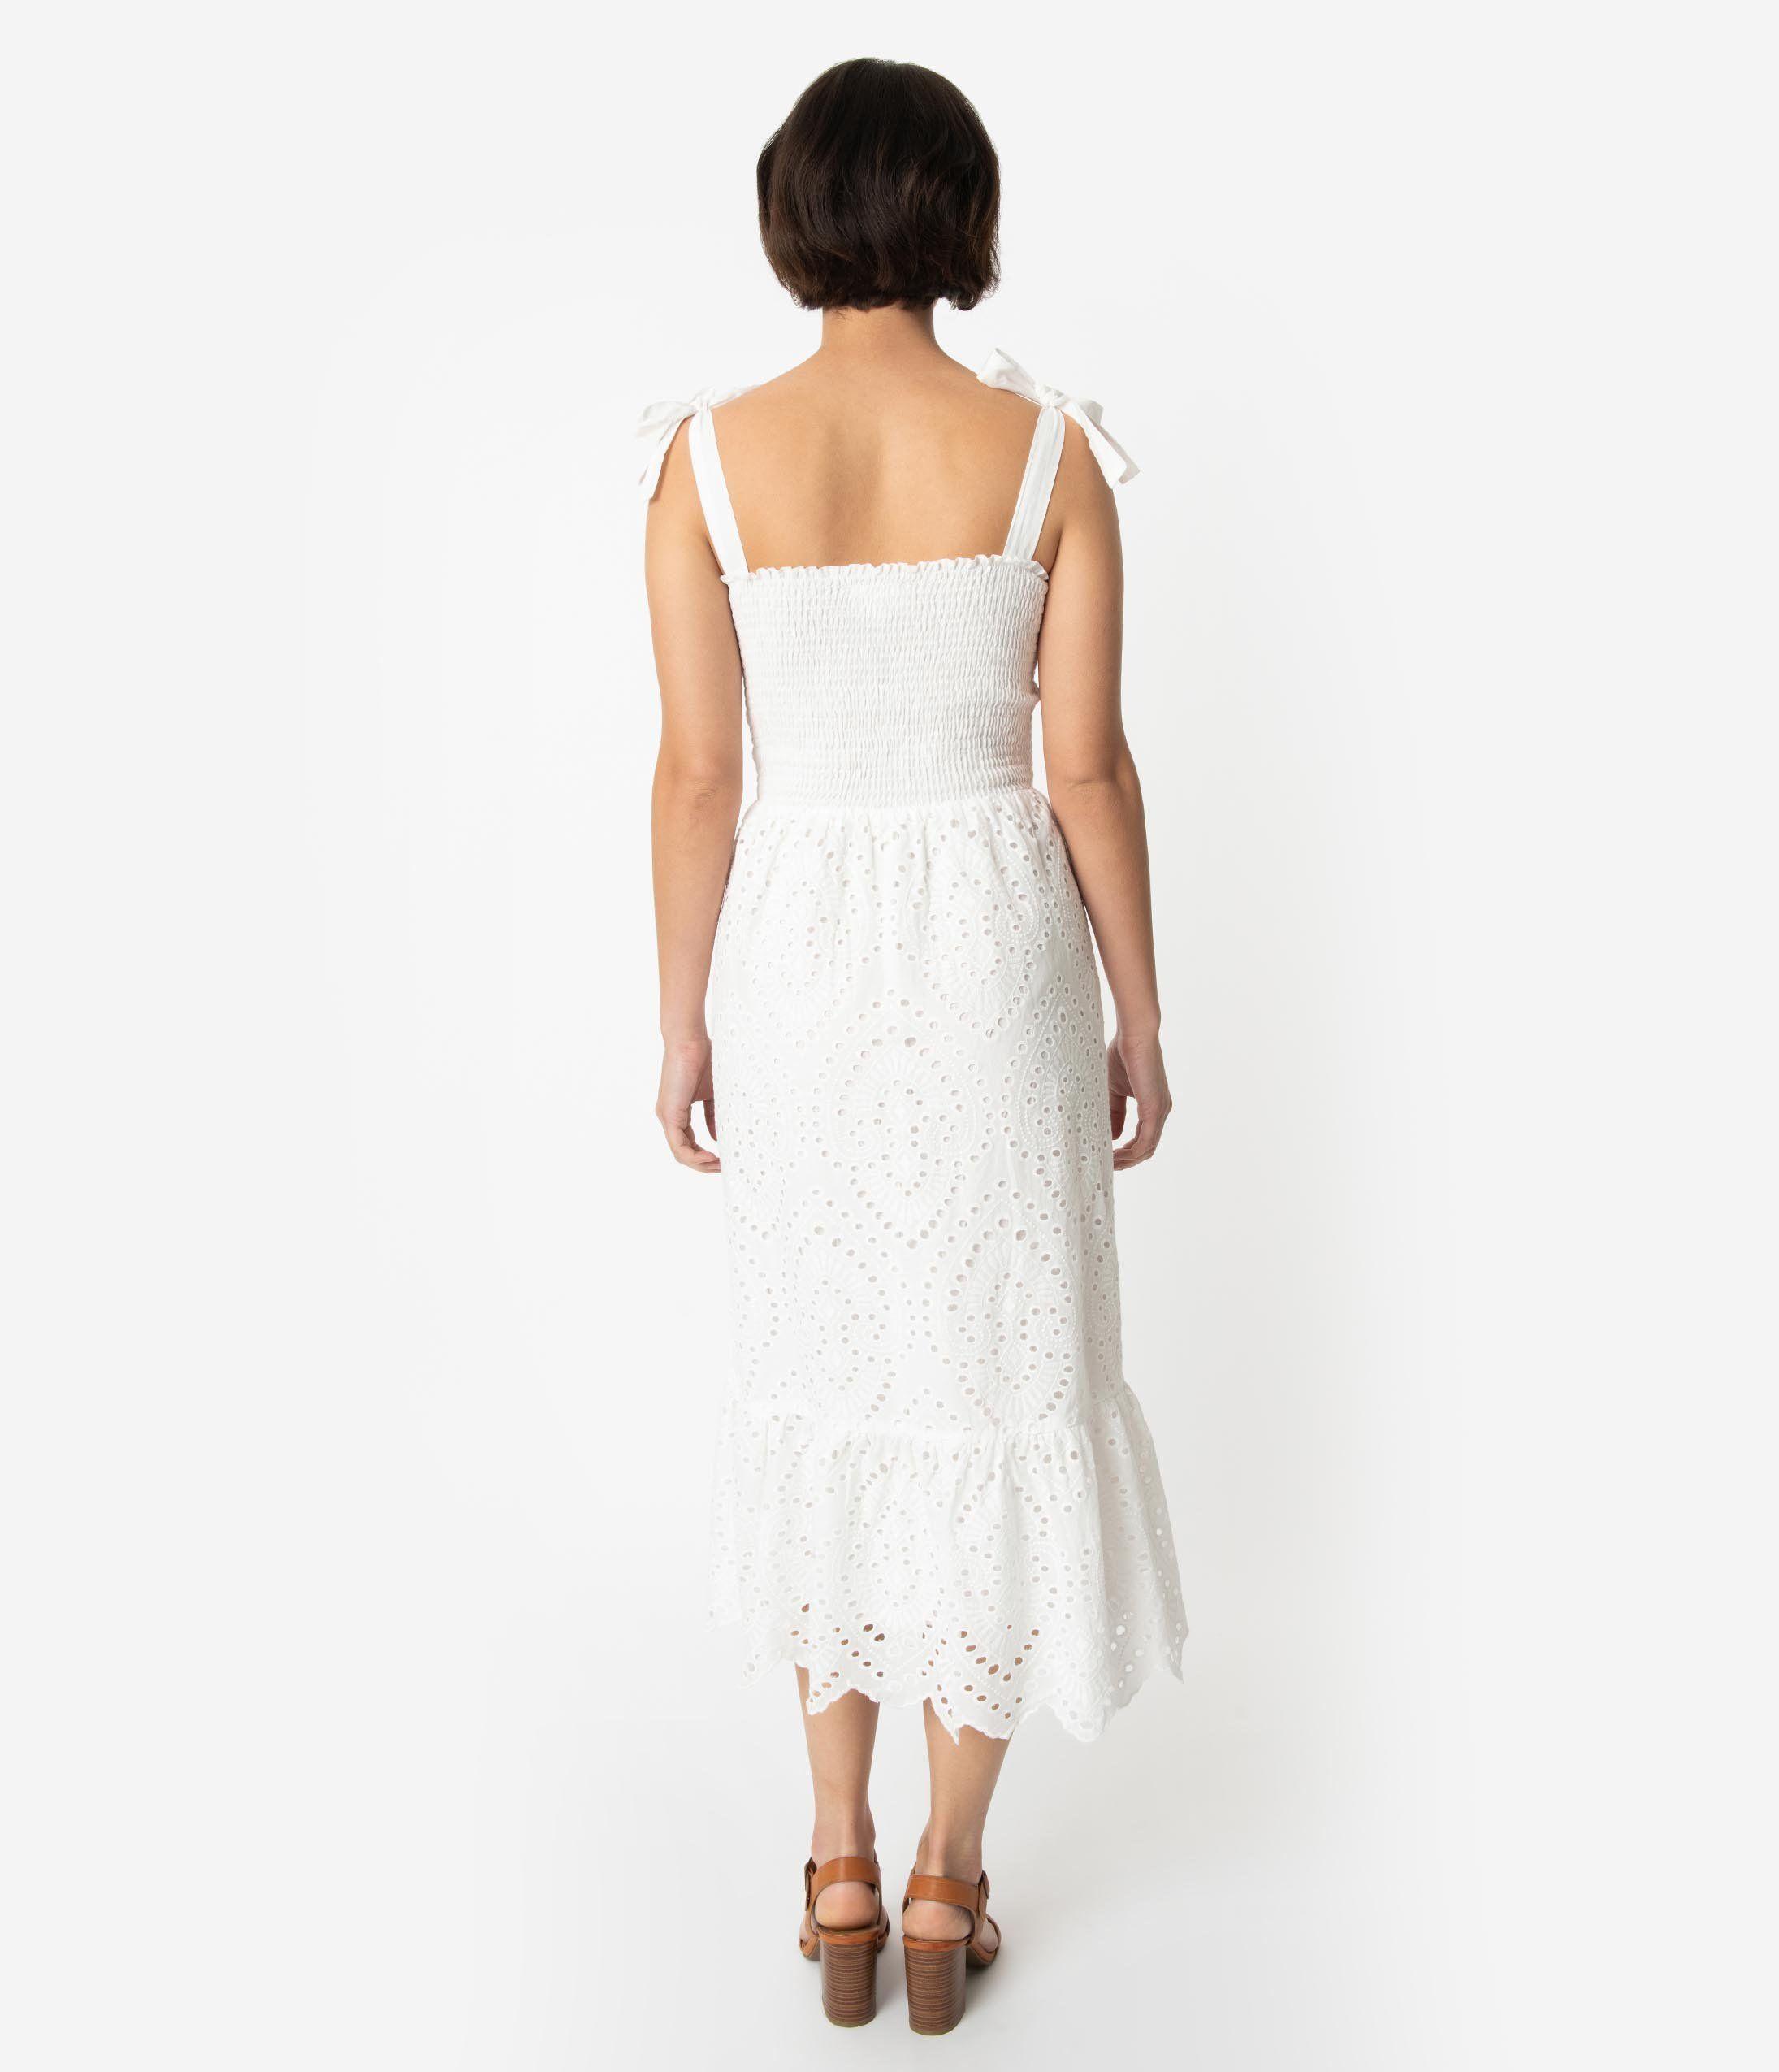 9376e56db24 Vintage Style Off White Cotton Sleeveless Button Up Midi Dress – Unique  Vintage